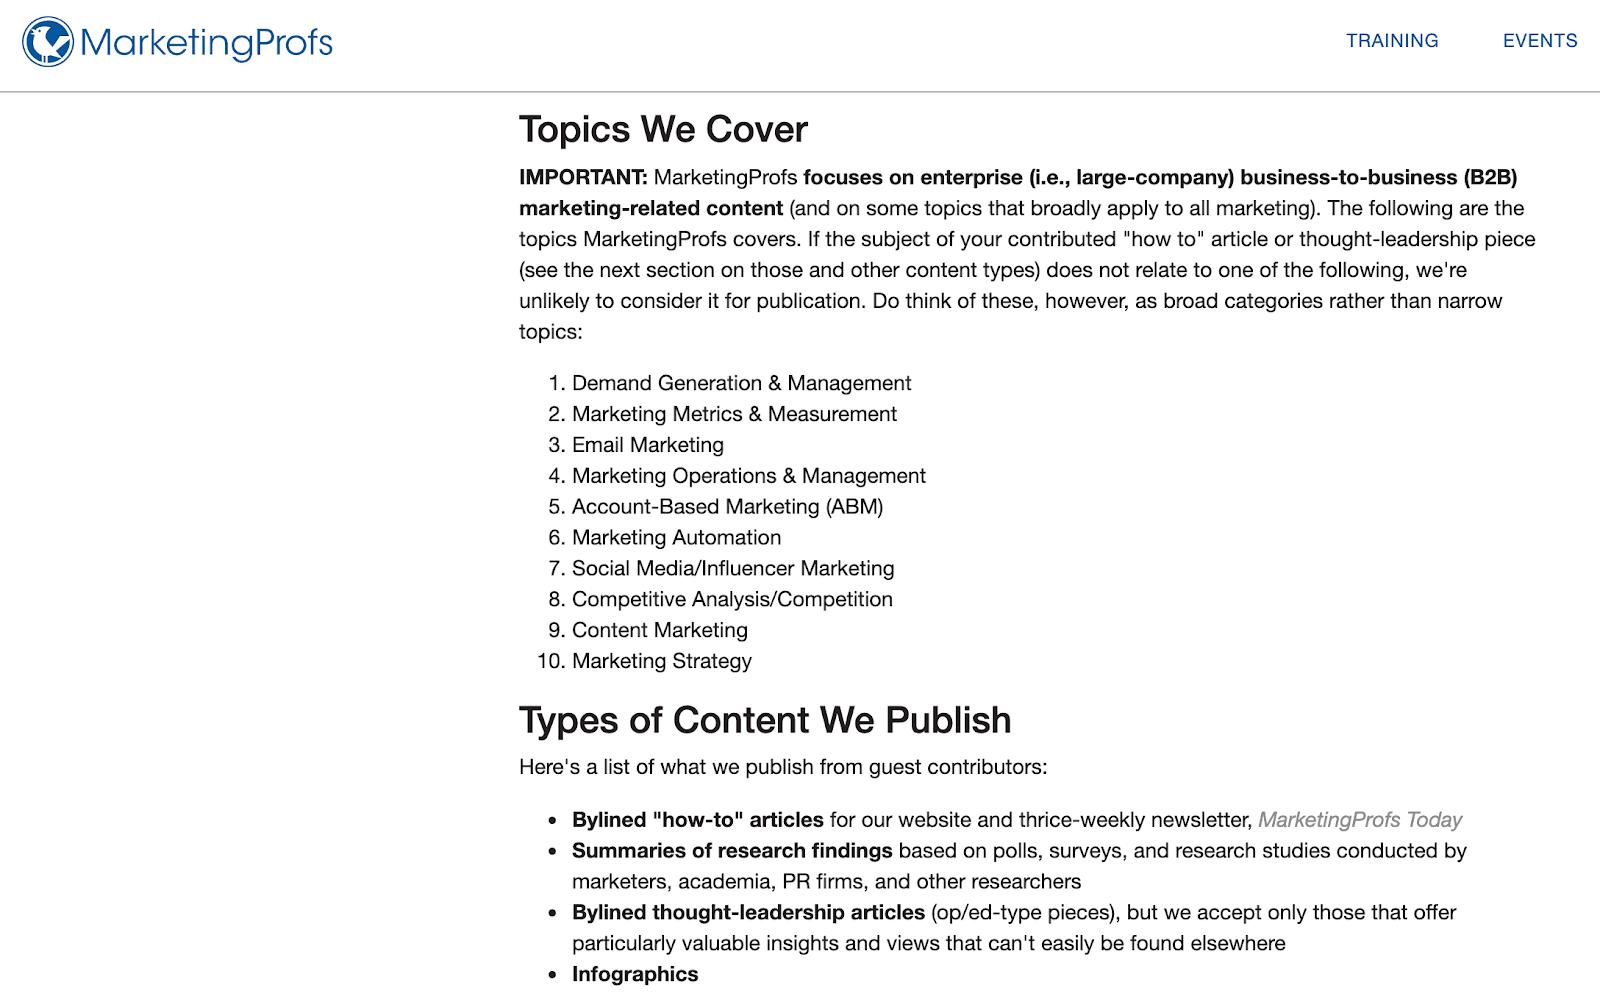 MarketingProfs topics